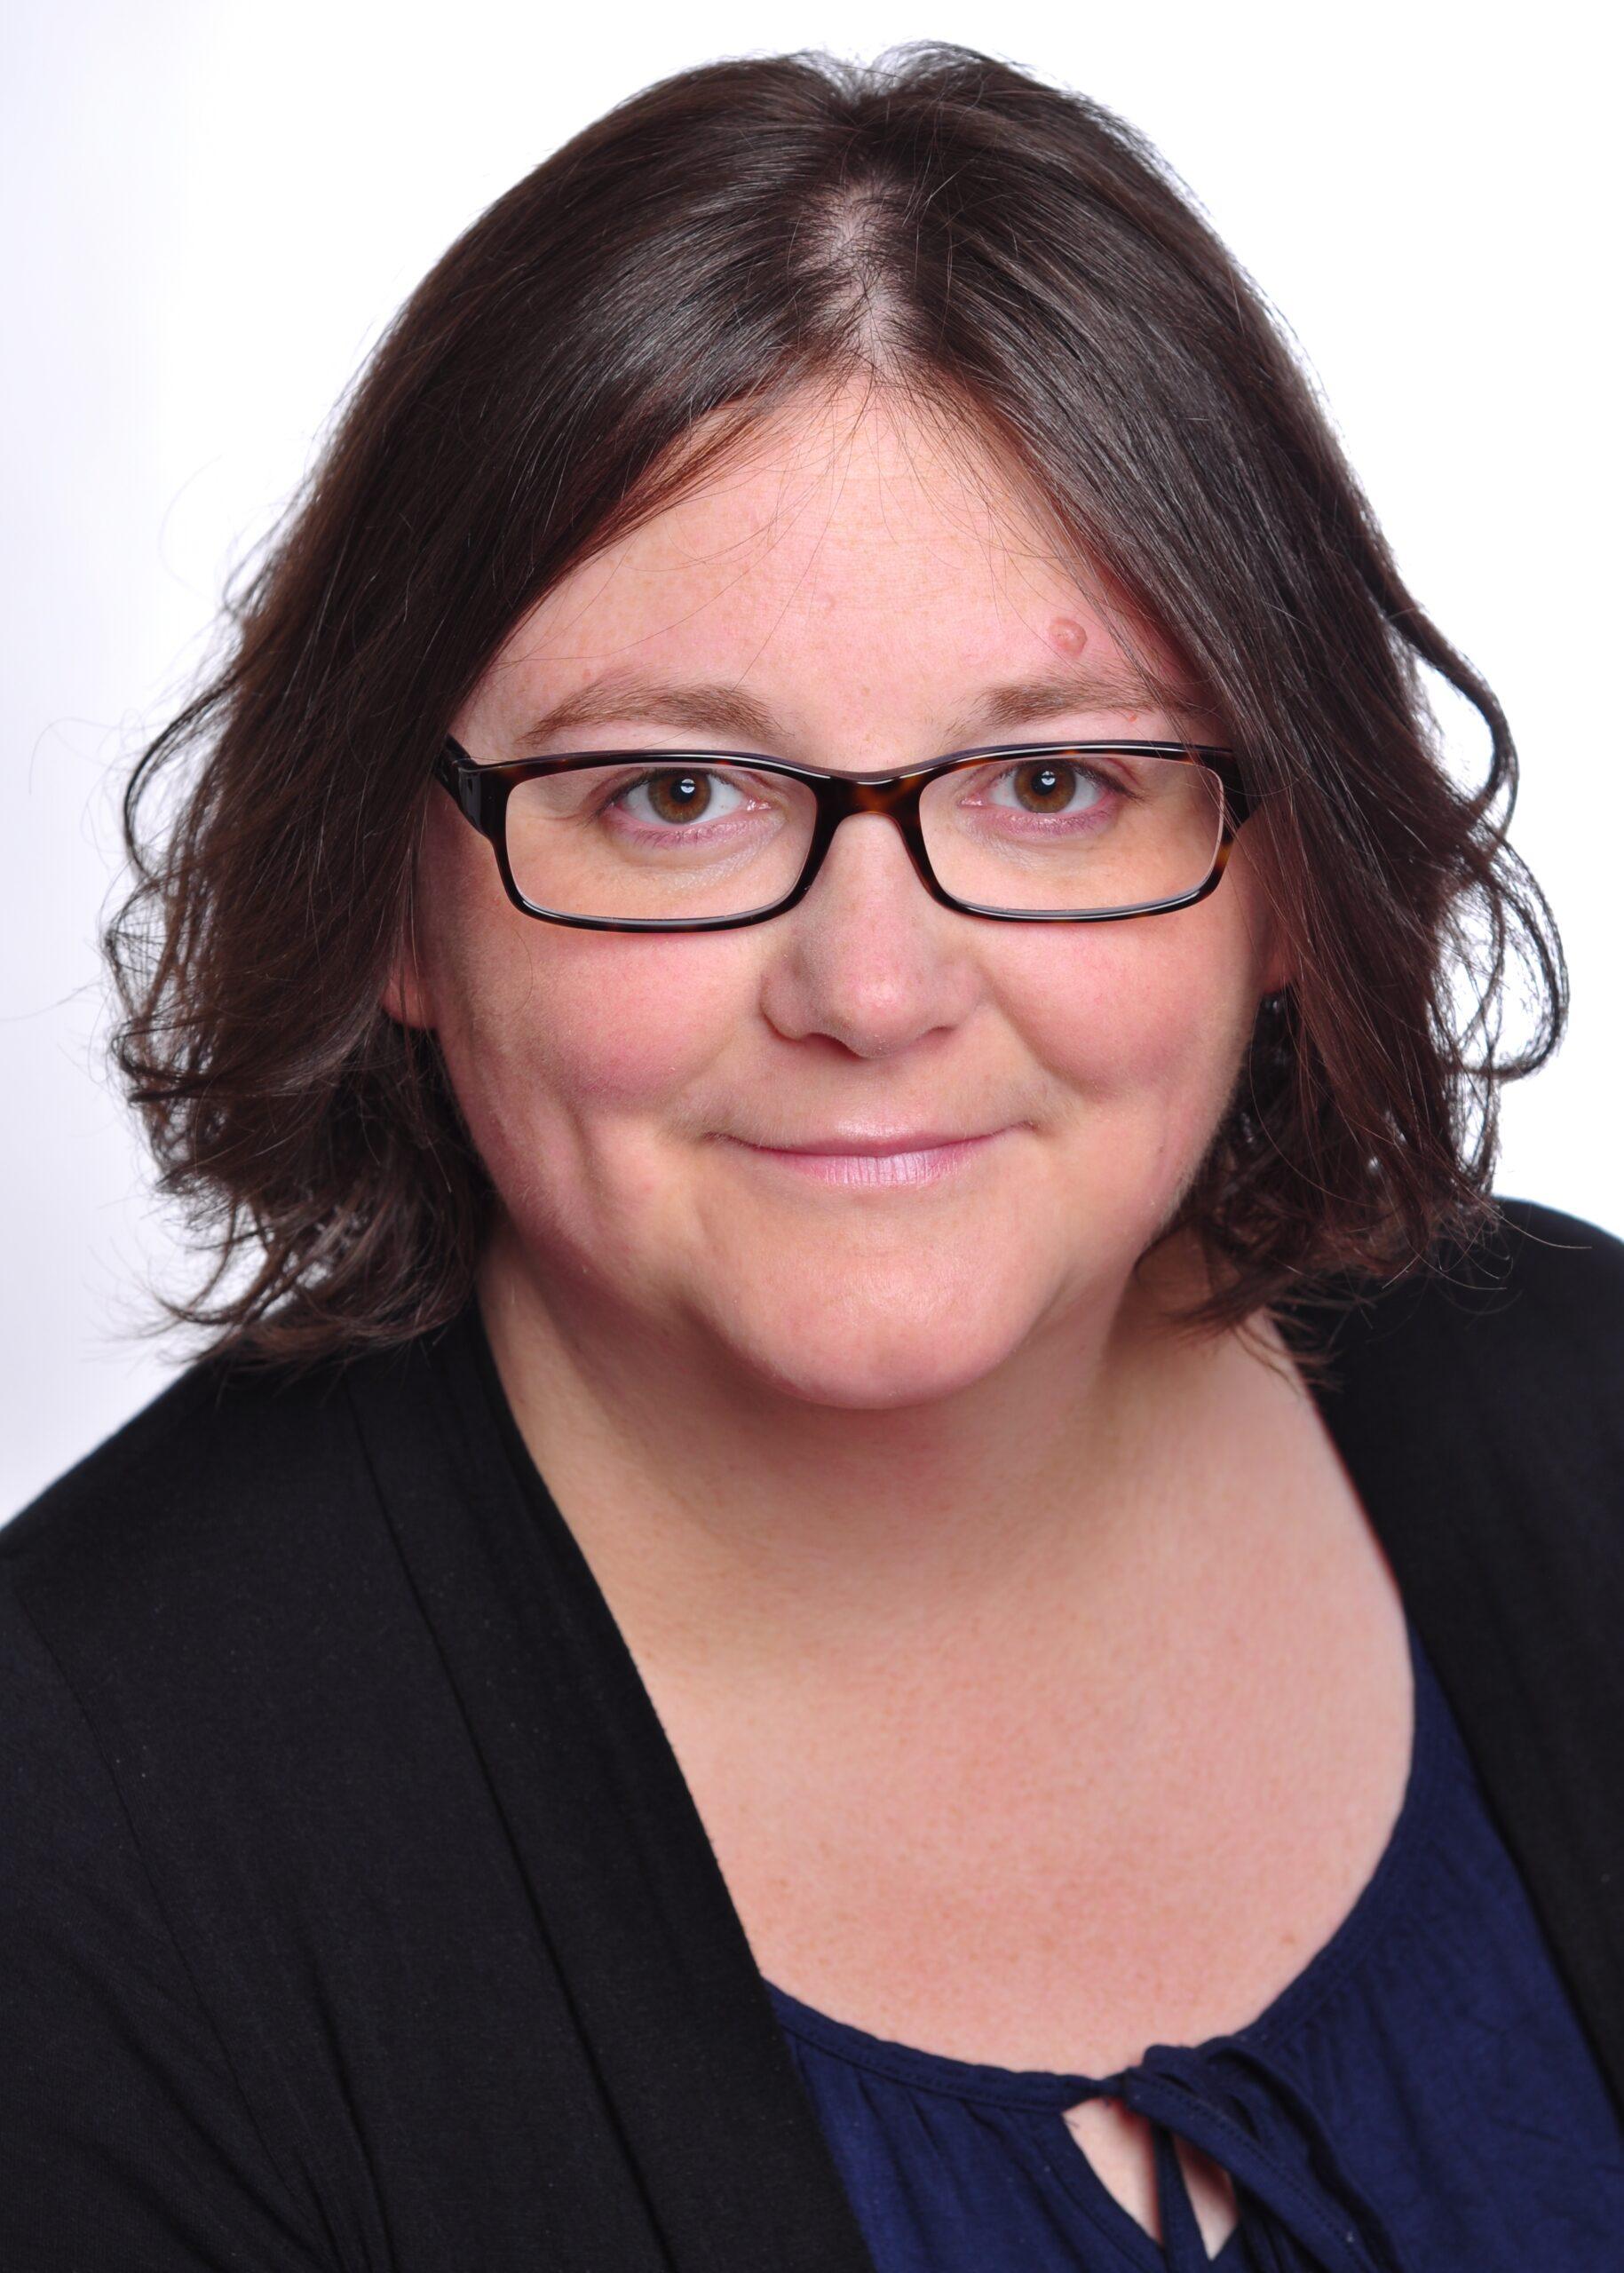 Susanne Baldin